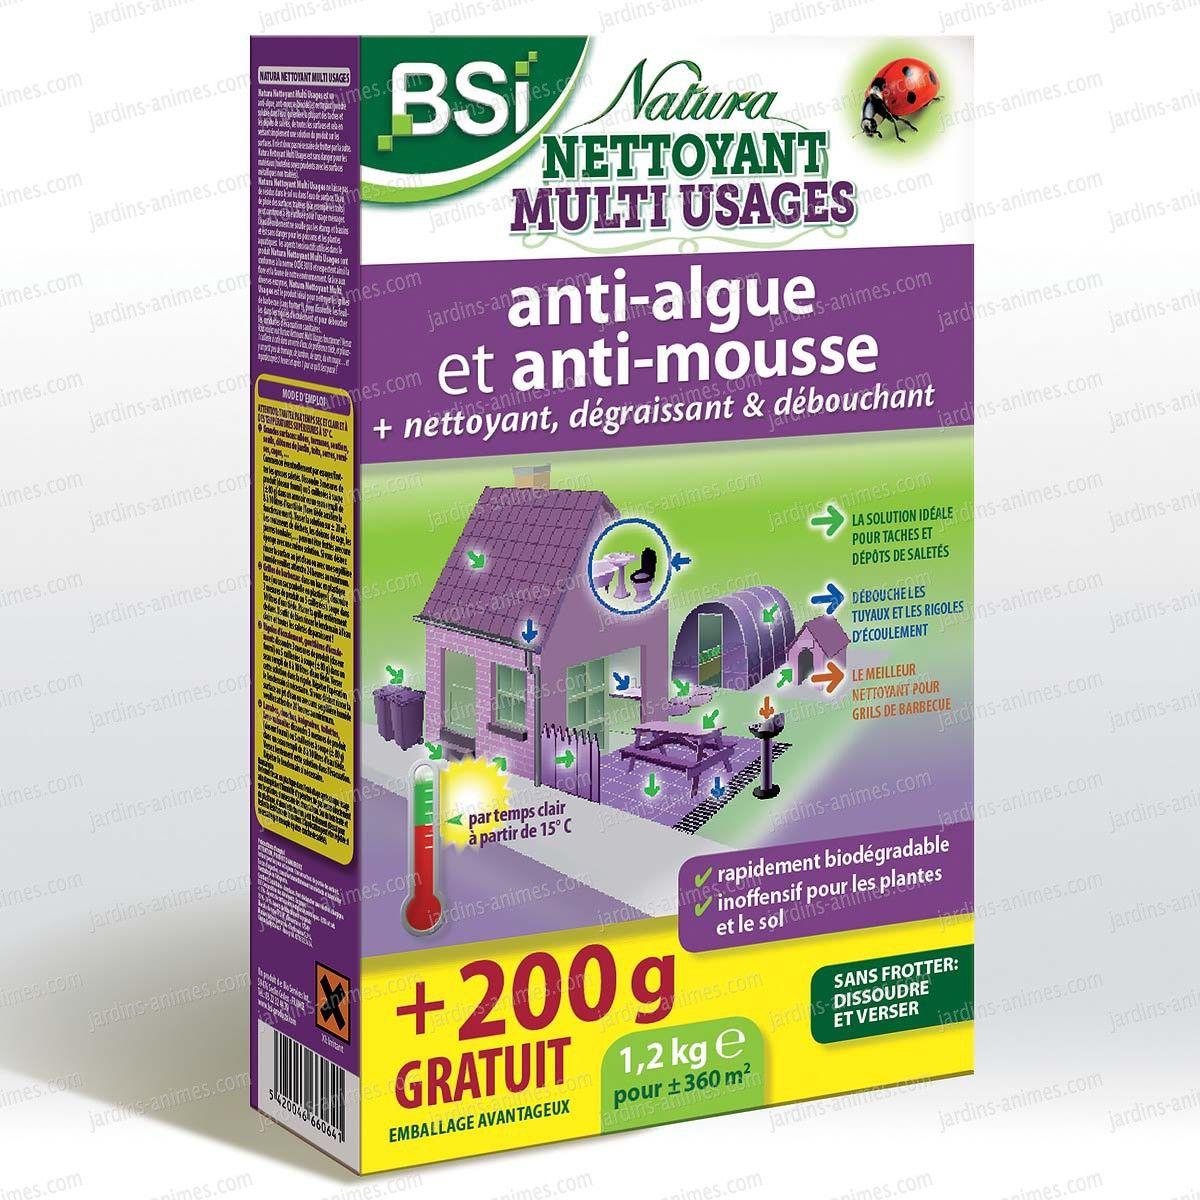 Natura Puissant Nettoyant Et Antimousse 1kg 200g Gratuit Nettoyant Anti Mousse Toiture Nettoyant Multi Usage